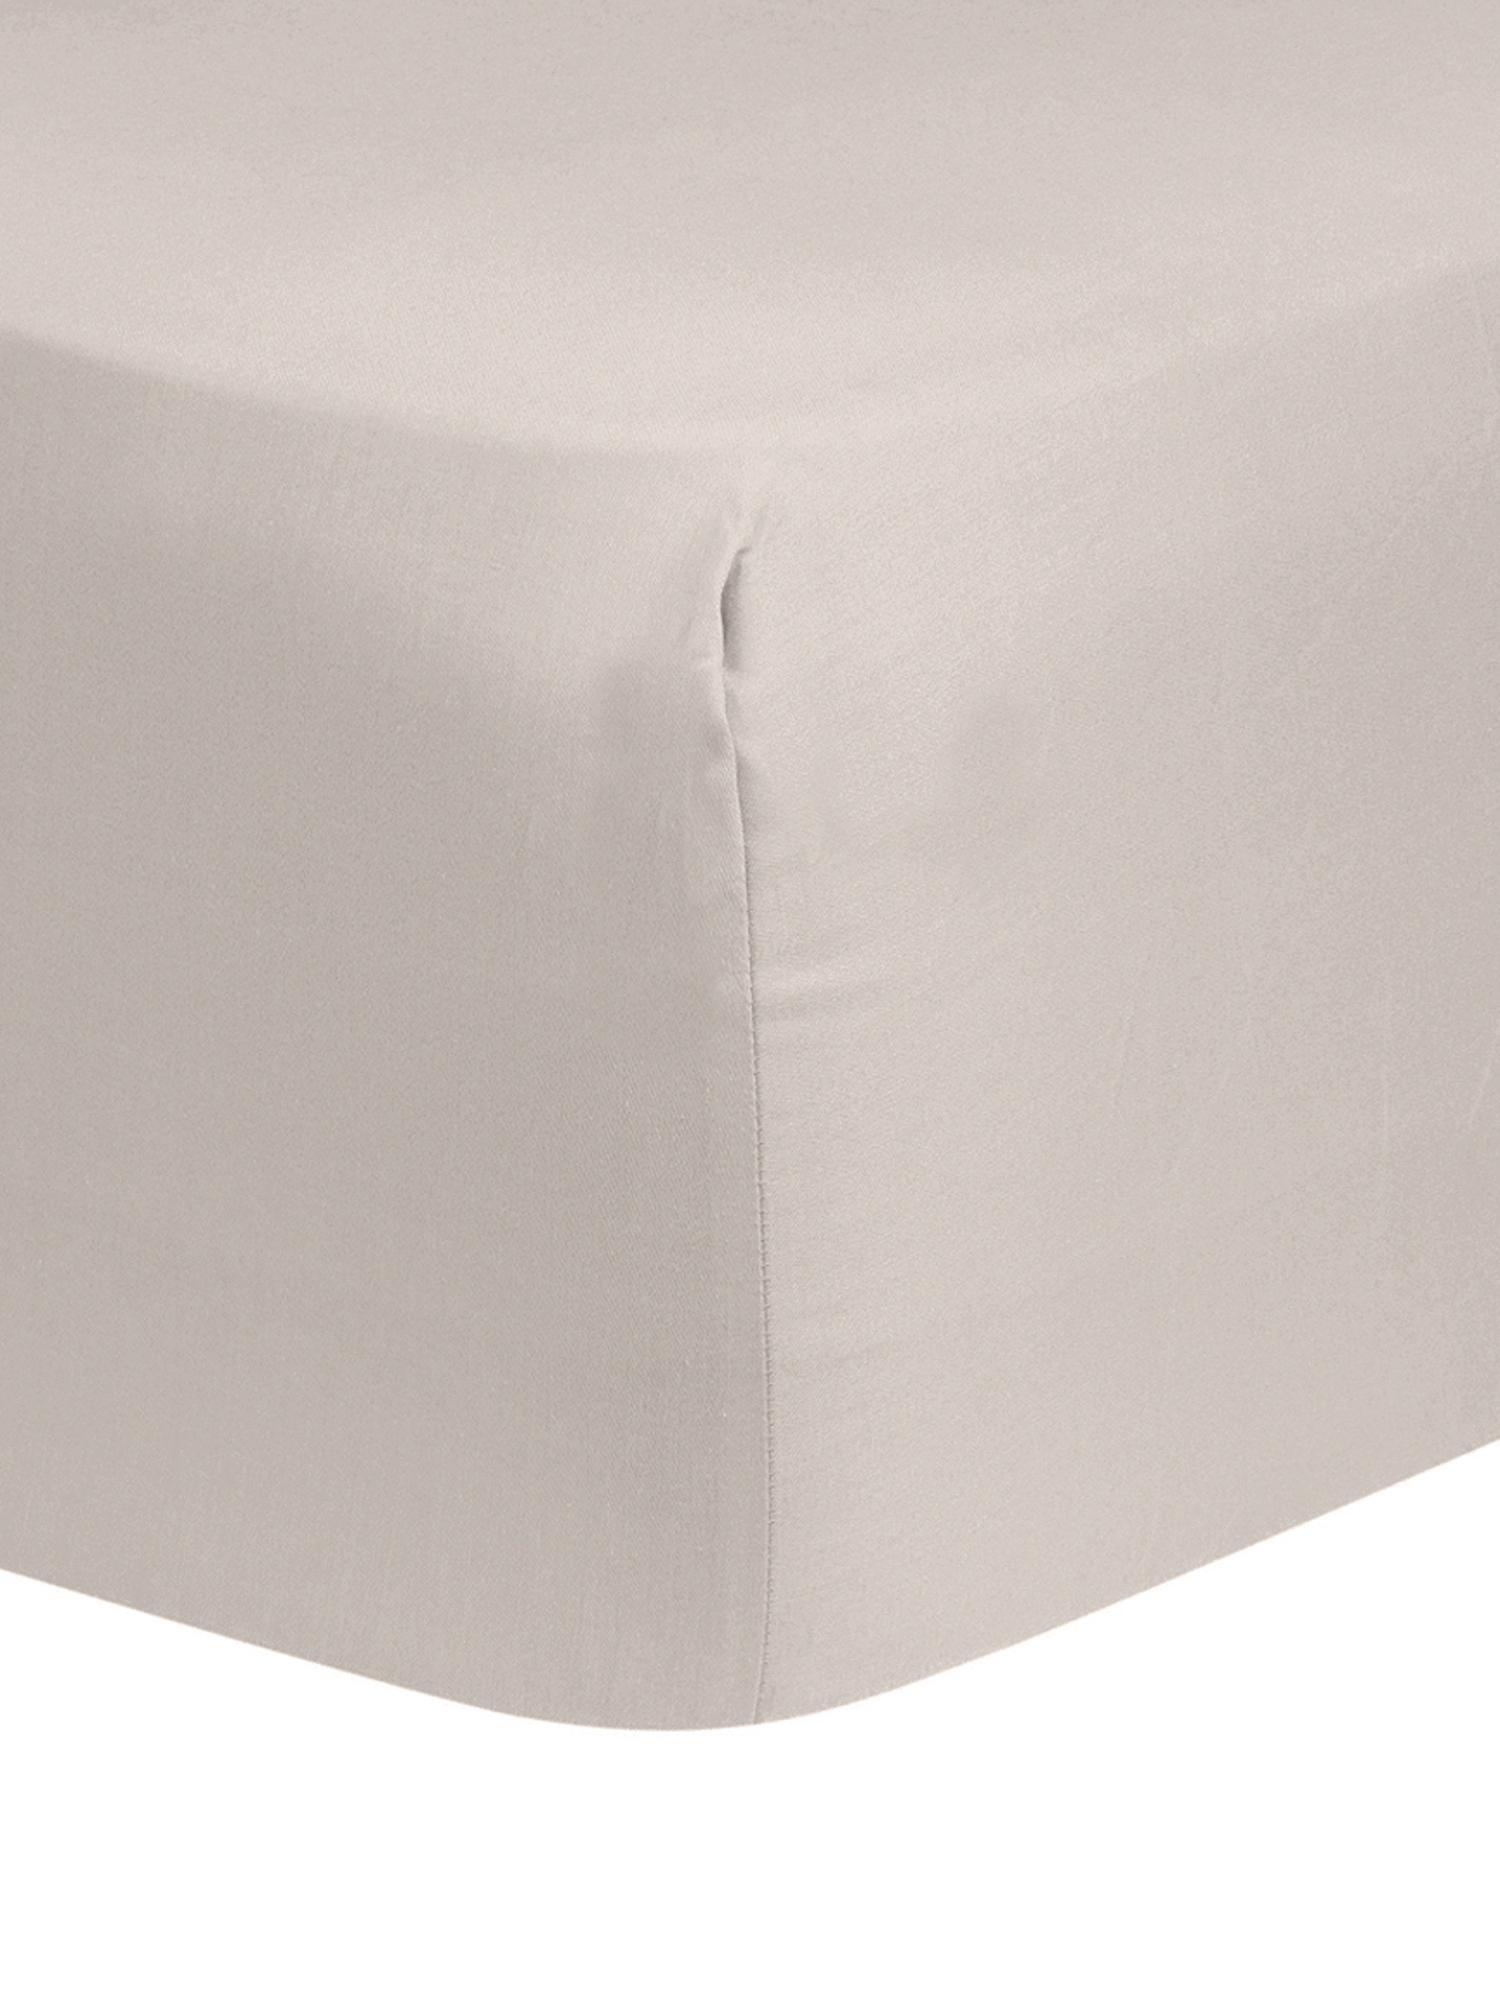 Boxspring-Spannbettlaken Comfort, Baumwollsatin, Webart: Satin, leicht glänzend, Taupe, 90 x 200 cm